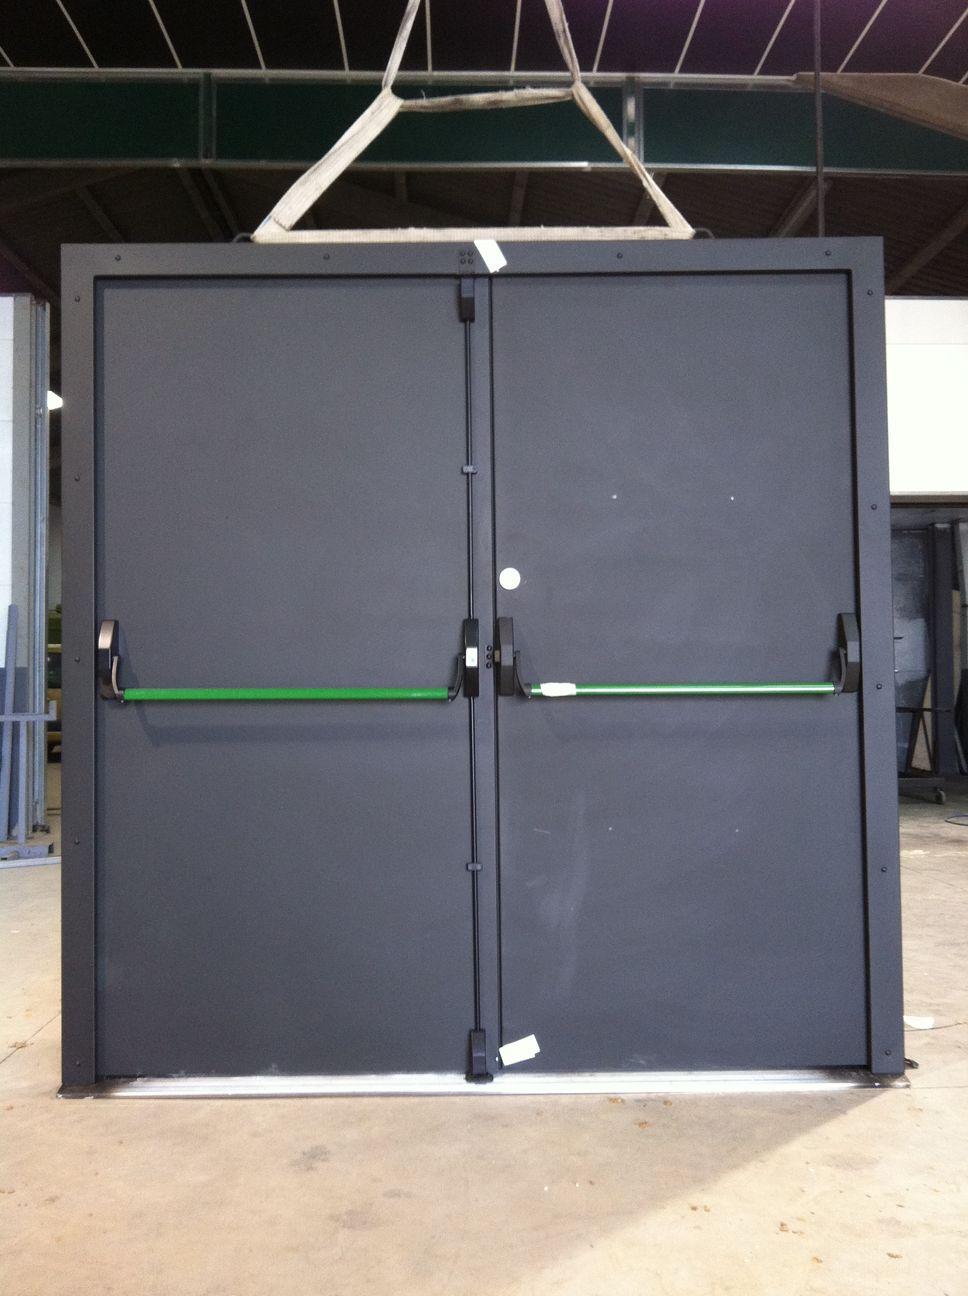 Puertas ac sticas aislamiento ac stico for Puertas aislamiento acustico precio